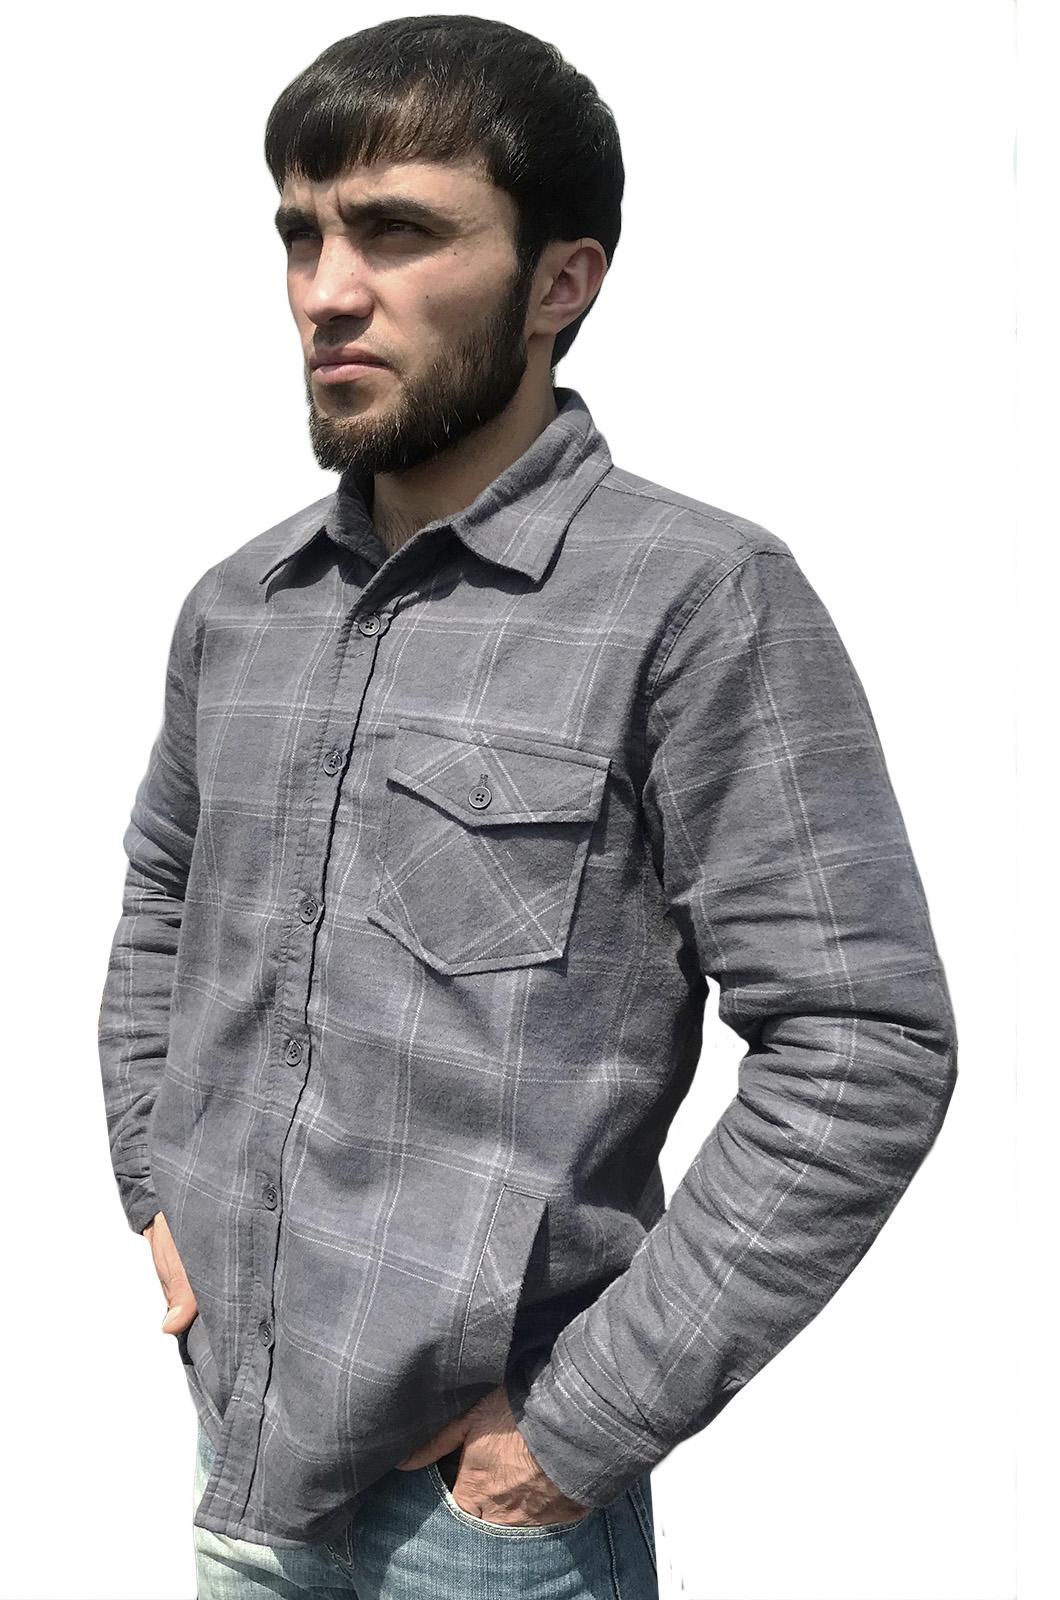 Утепленная мужская рубашка ДШБ Морской пехоты купить выгодно